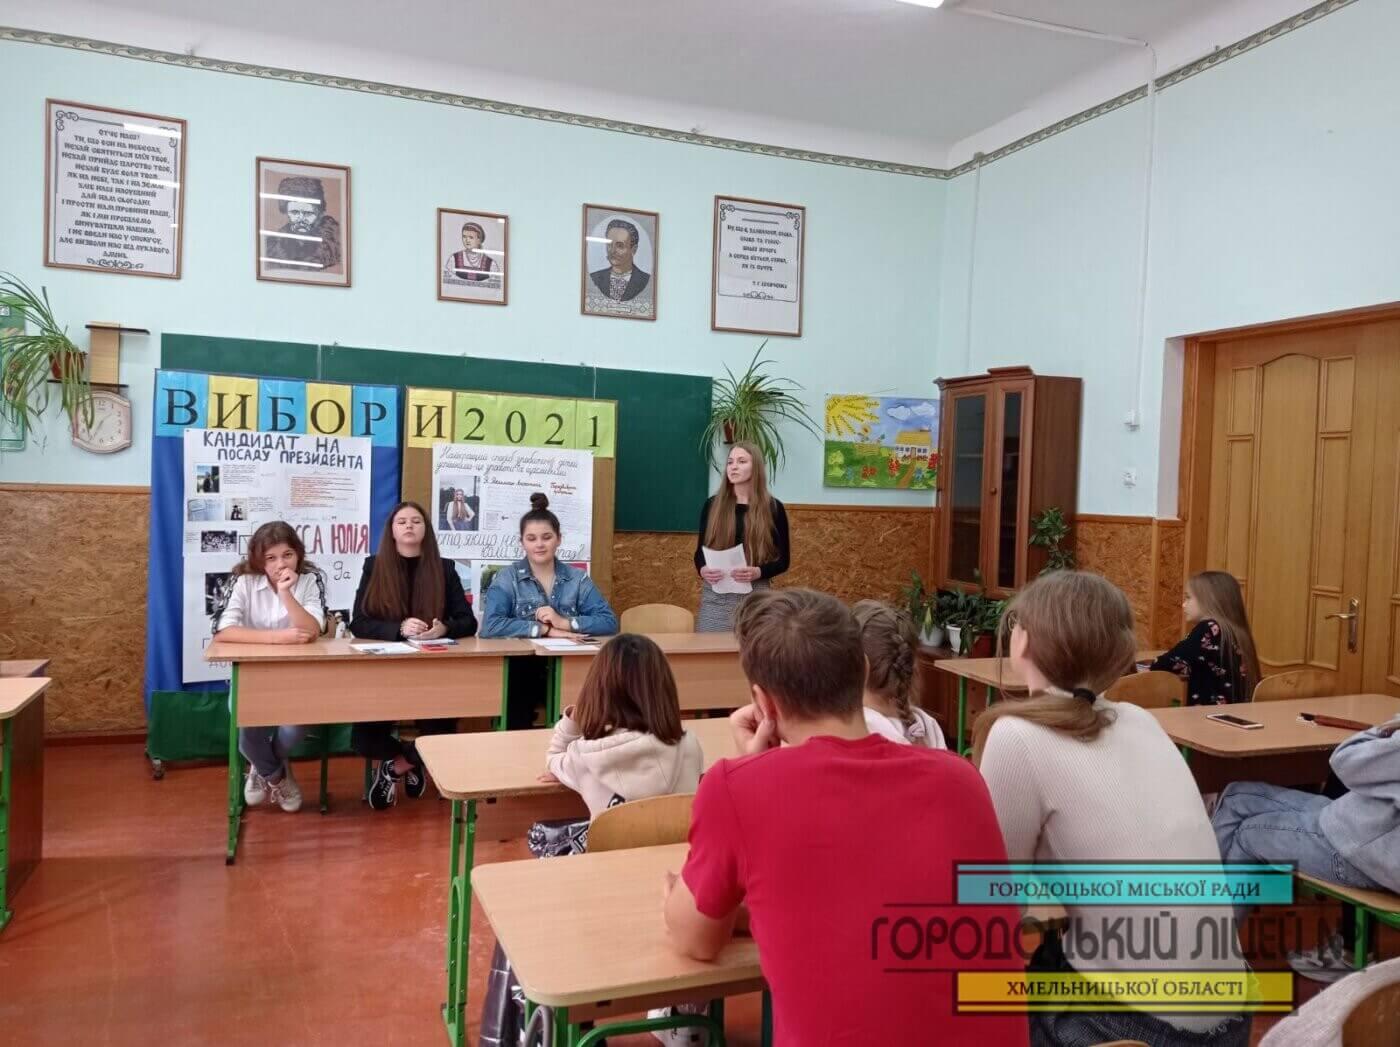 zobrazhennya viber 2021 09 20 16 35 28 536 1400x1047 - Дебати кандидатів на пост президентаучнівського самоврядування